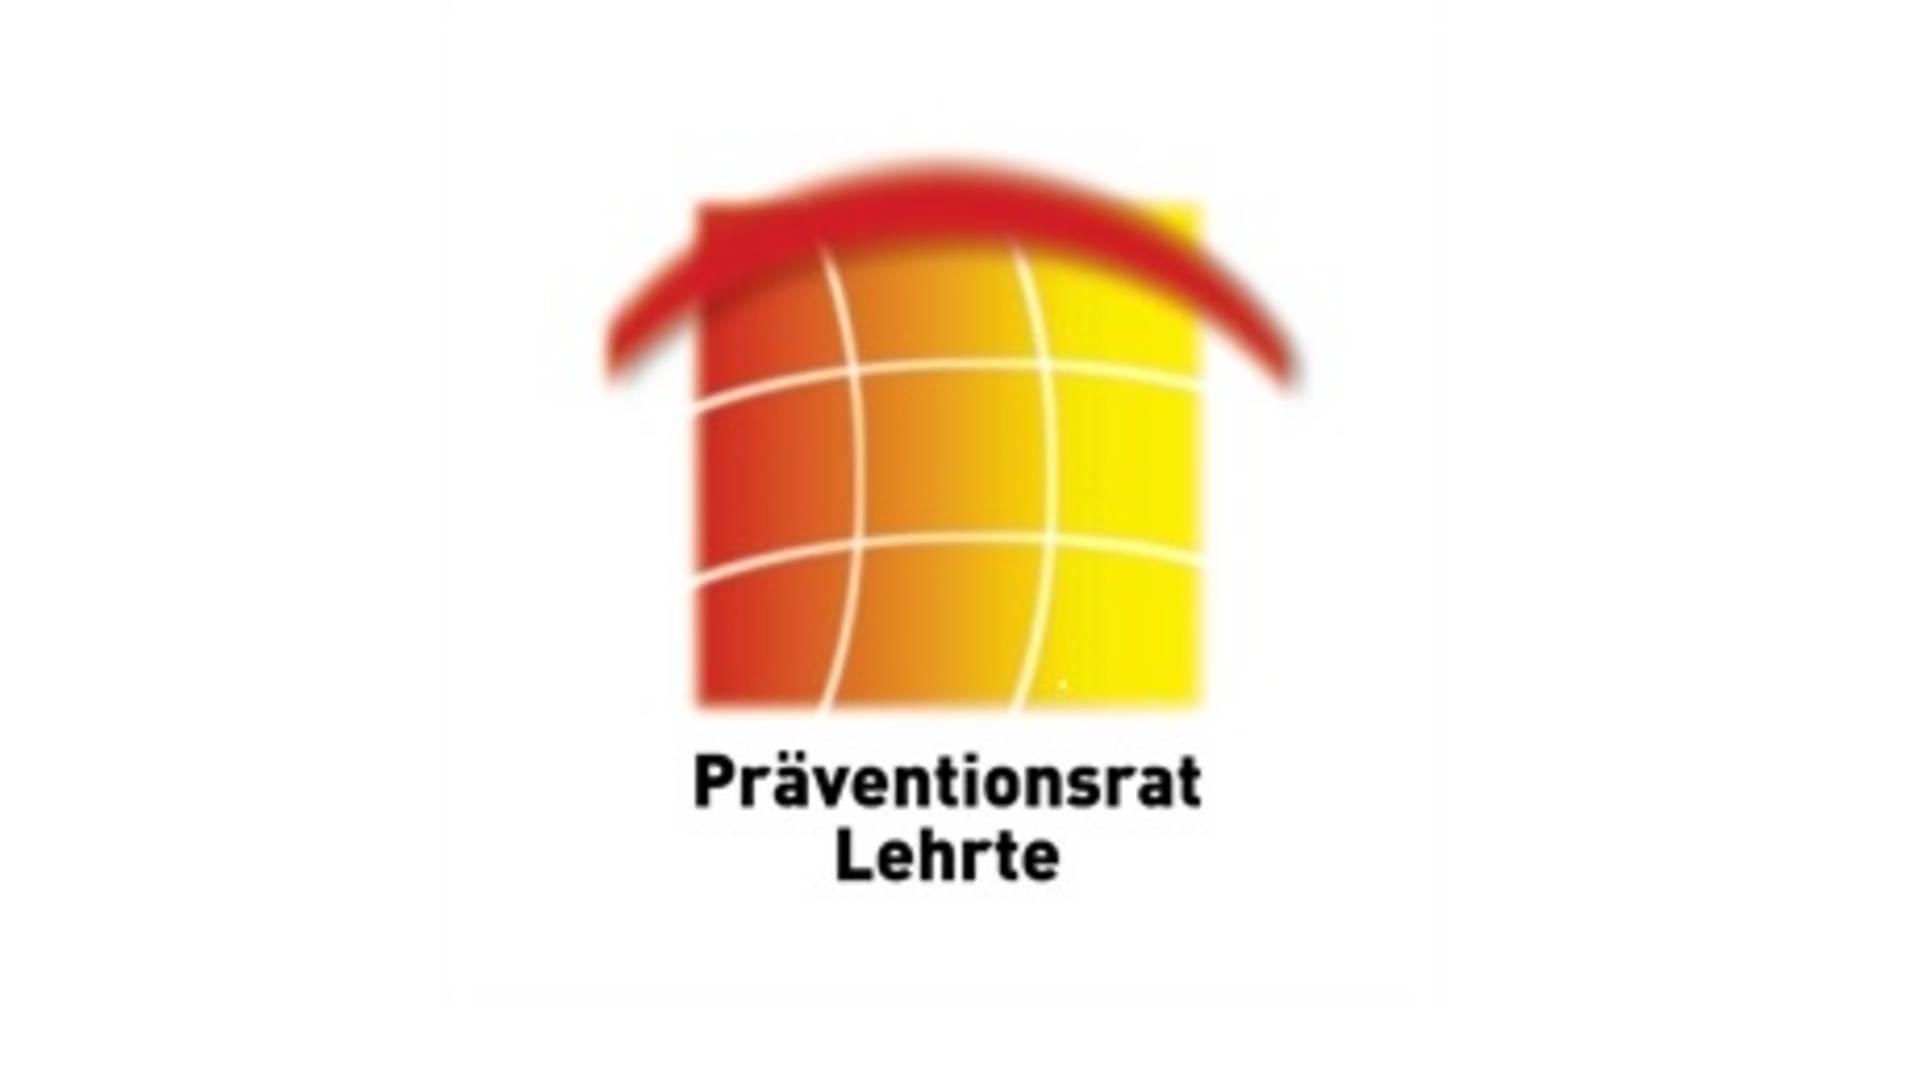 Präventionsrat © Stadt Lehrte